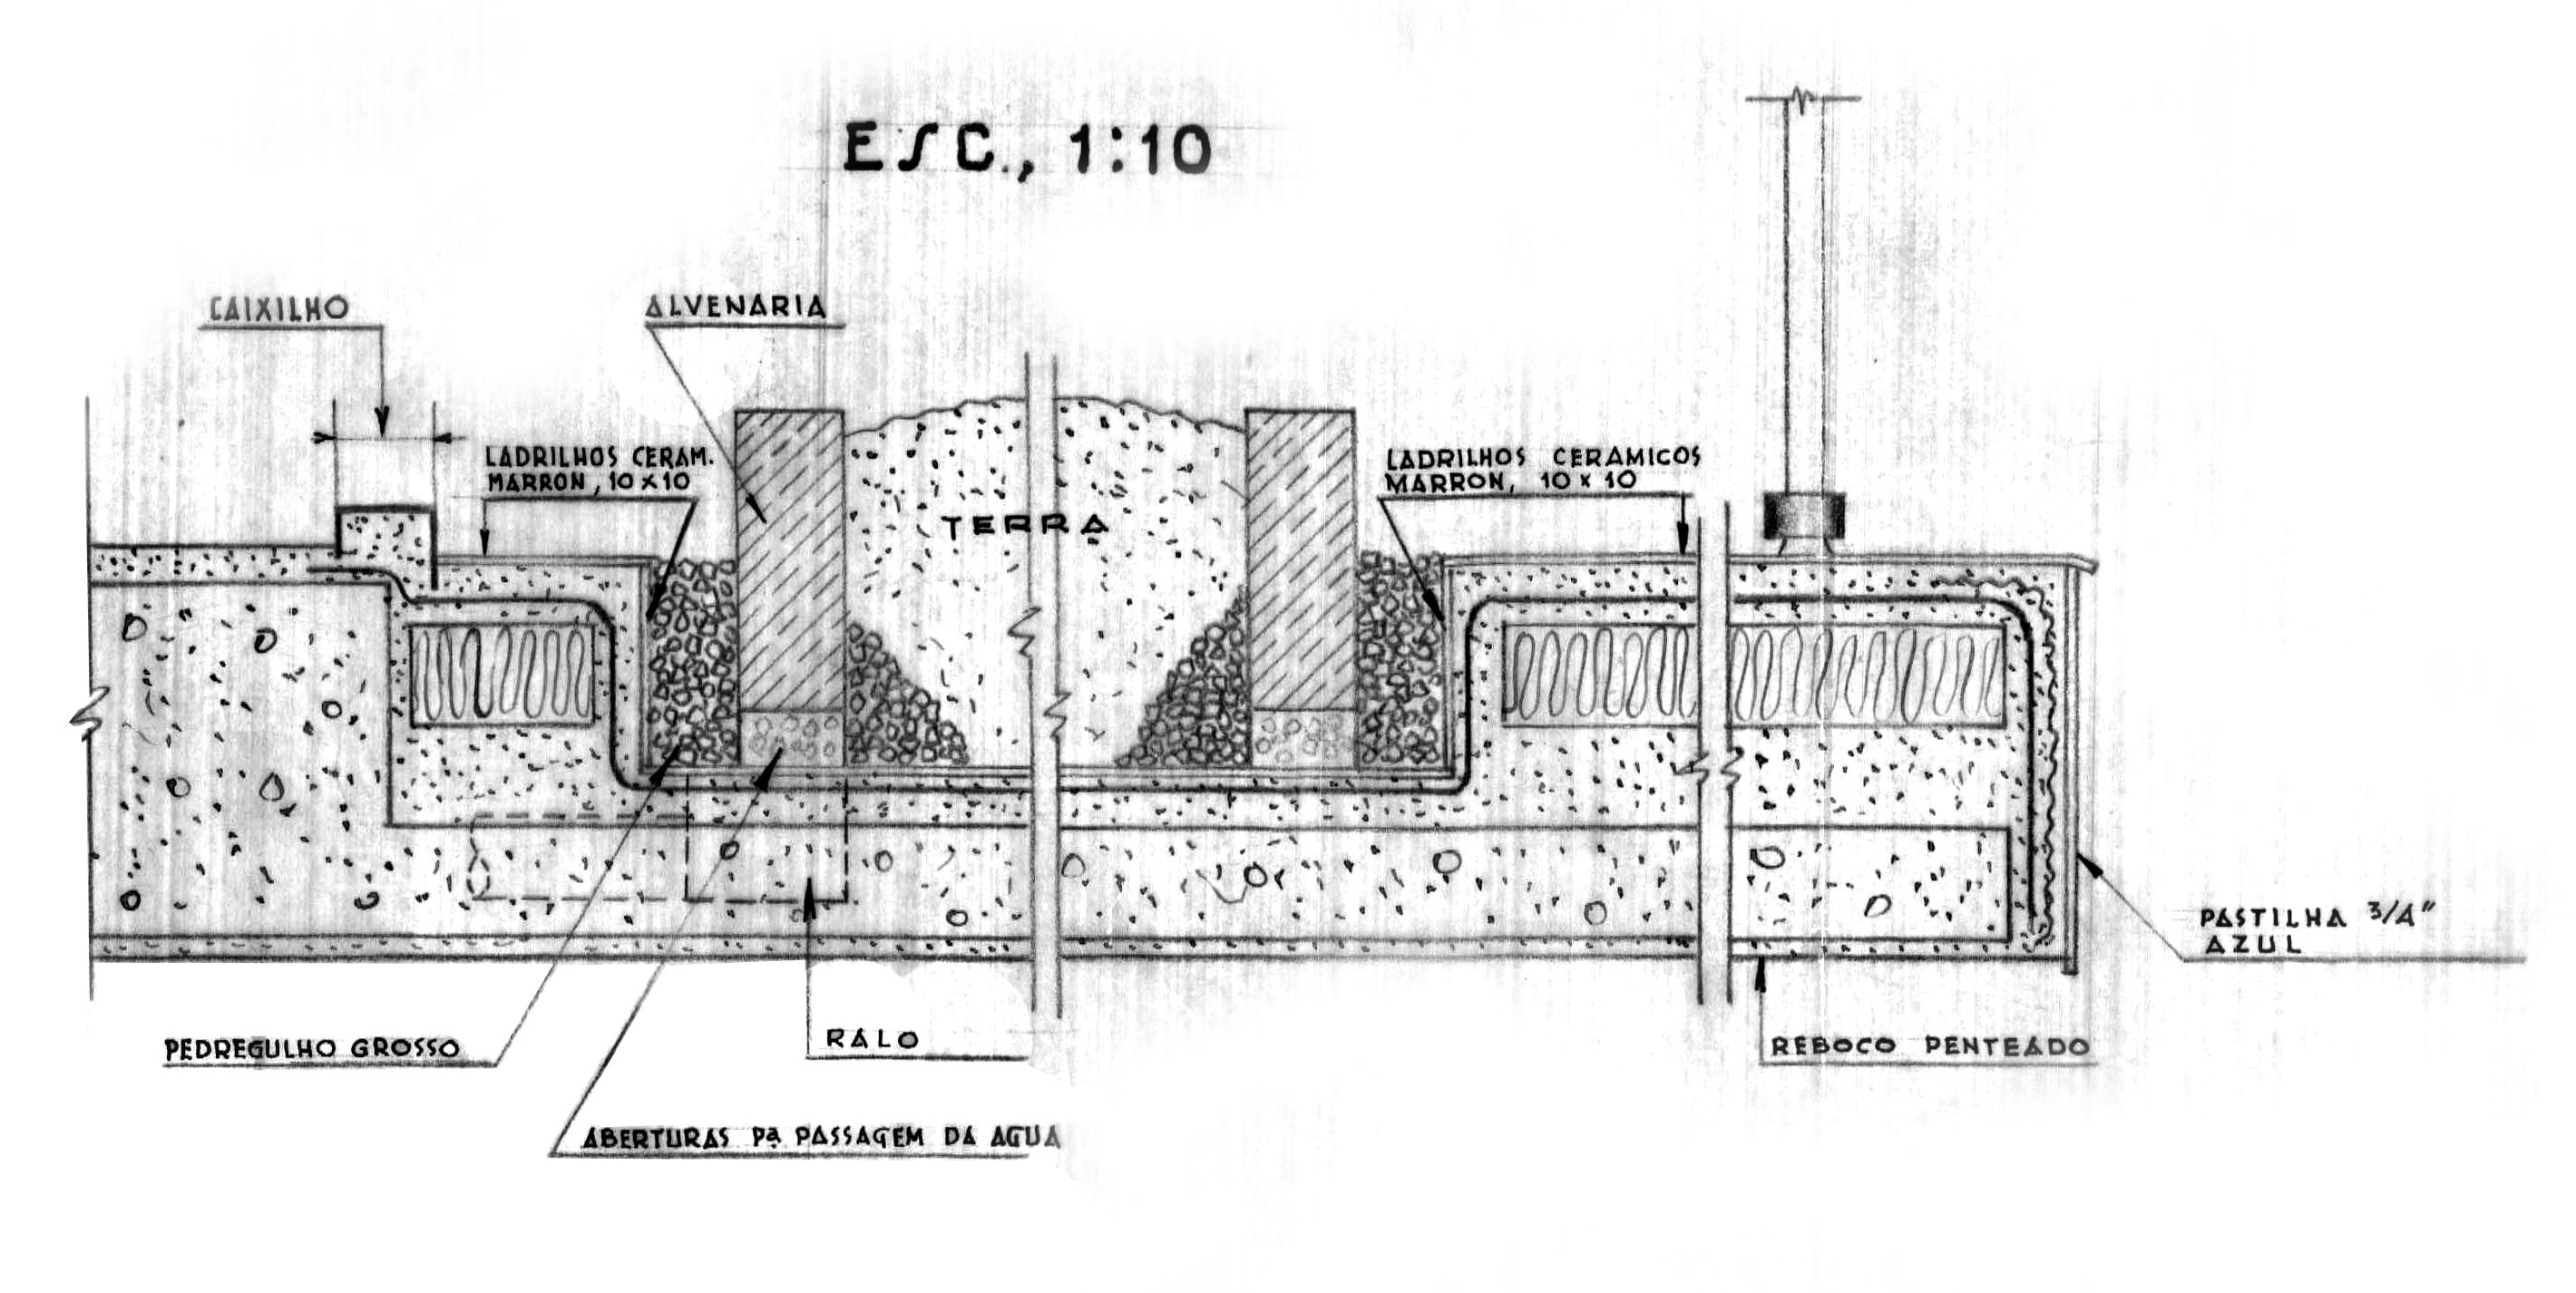 Fig.2. Detalhamento do sistema de captação de águas pluviais, segundo o projeto original (fonte: acervo FAUUSP)